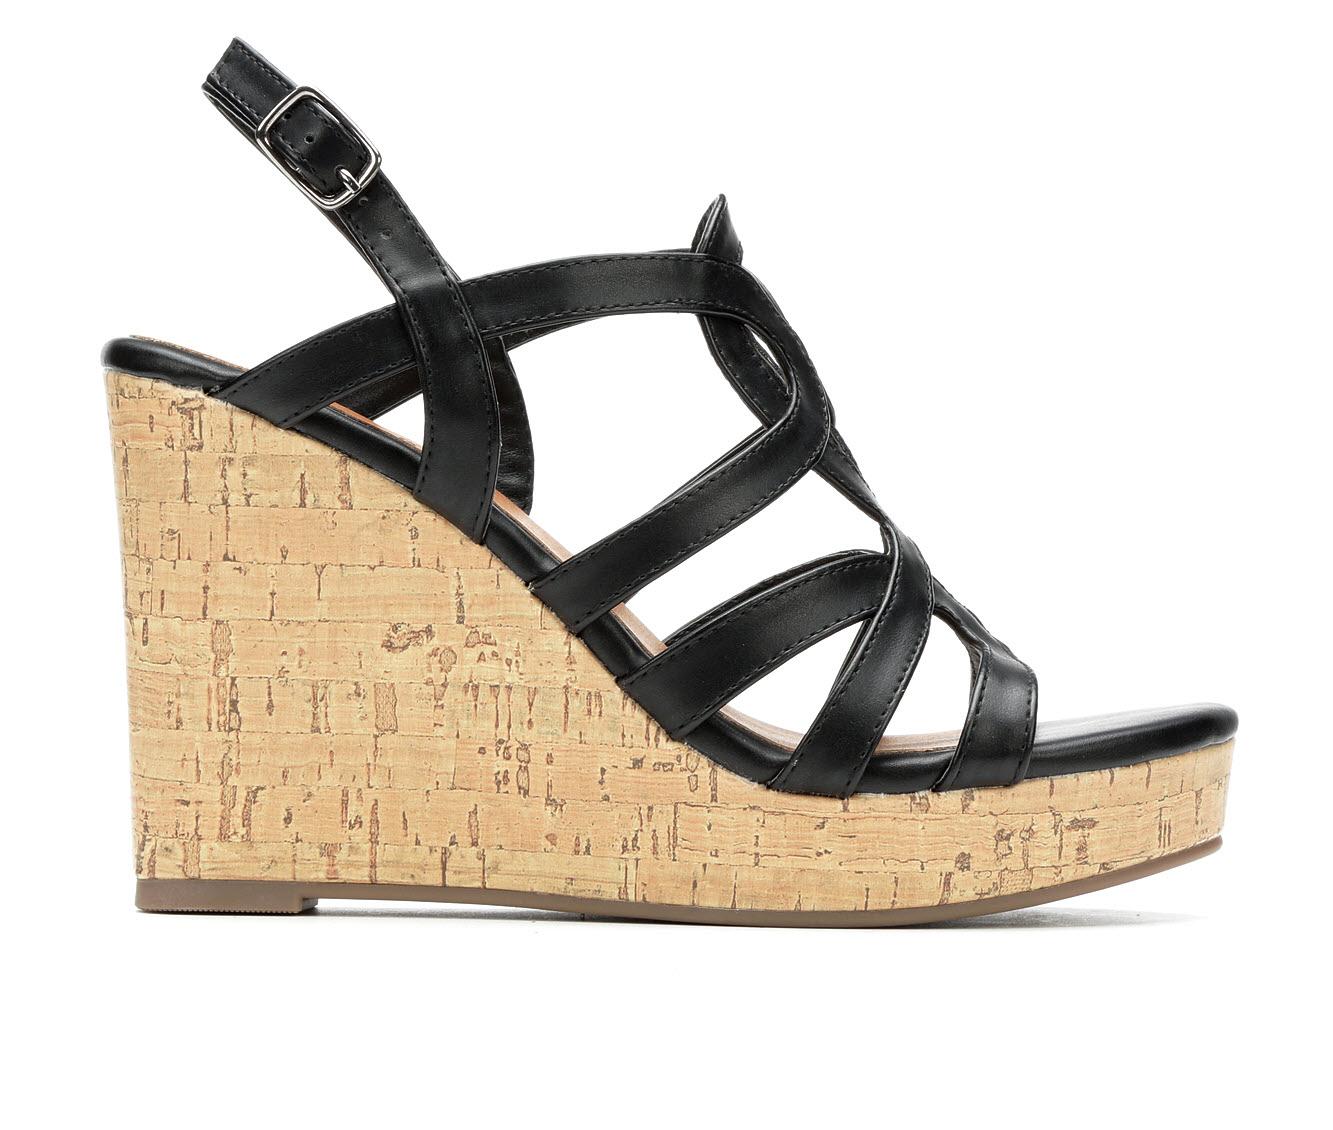 Daisy Fuentes Susie Women's Dress Shoe (Black Faux Leather)